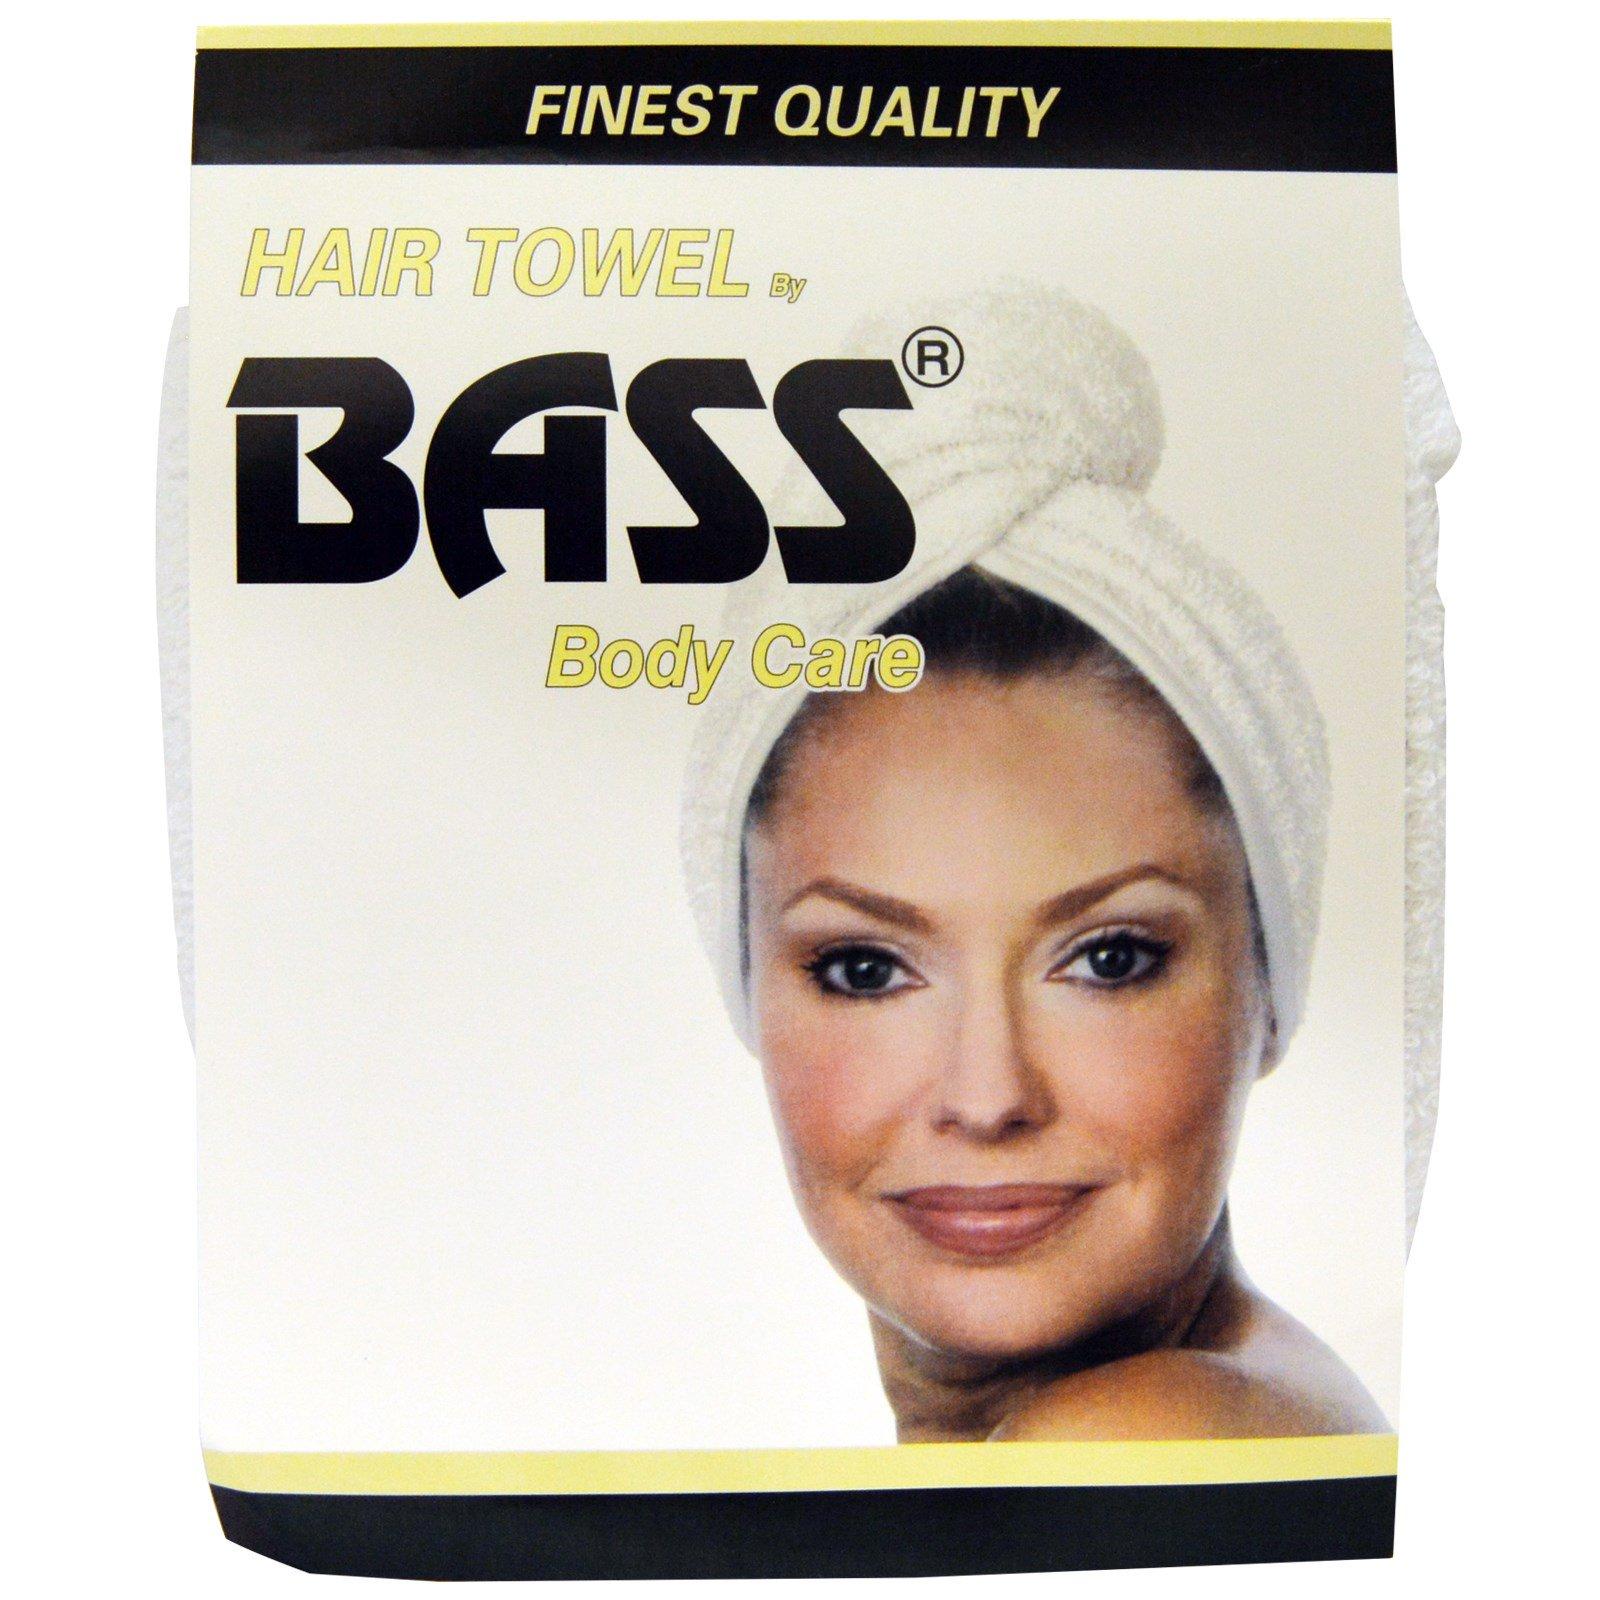 Bass Brushes, Супер впитывающее полотенце для волос, Белое, 1 штука